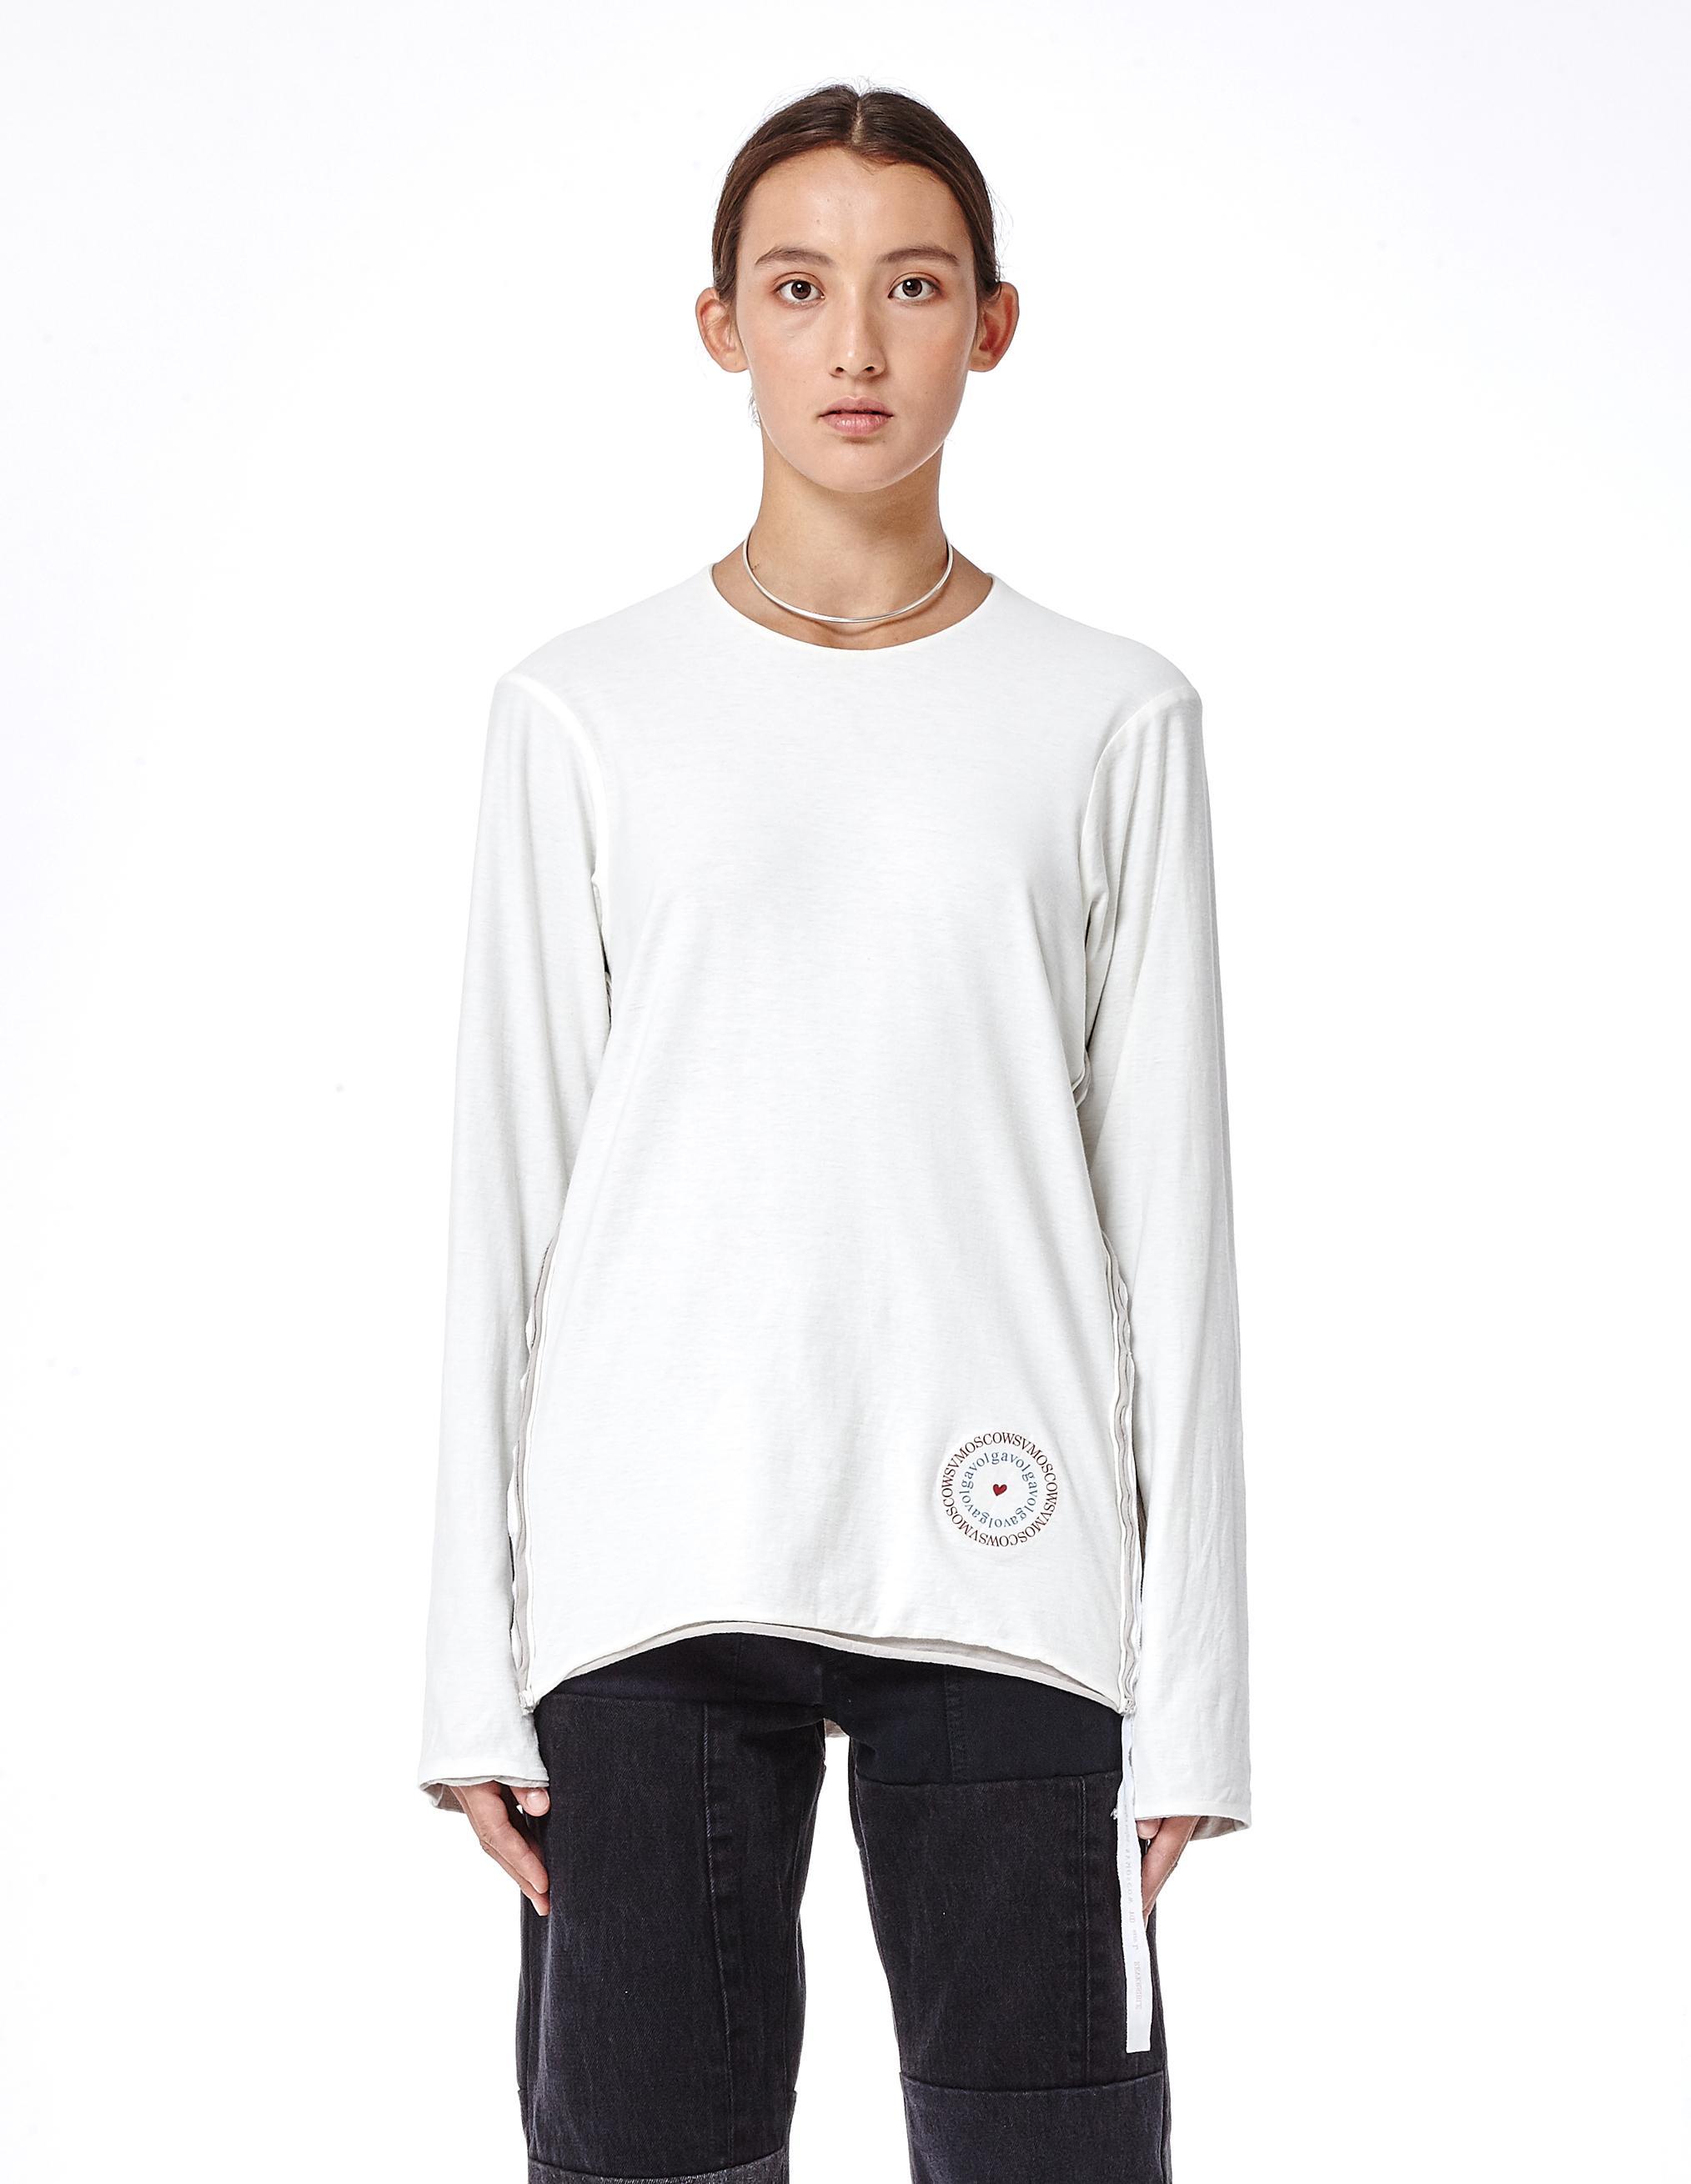 Volga volga double faced cotton long sleeve t shirt in for White cotton long sleeve t shirt